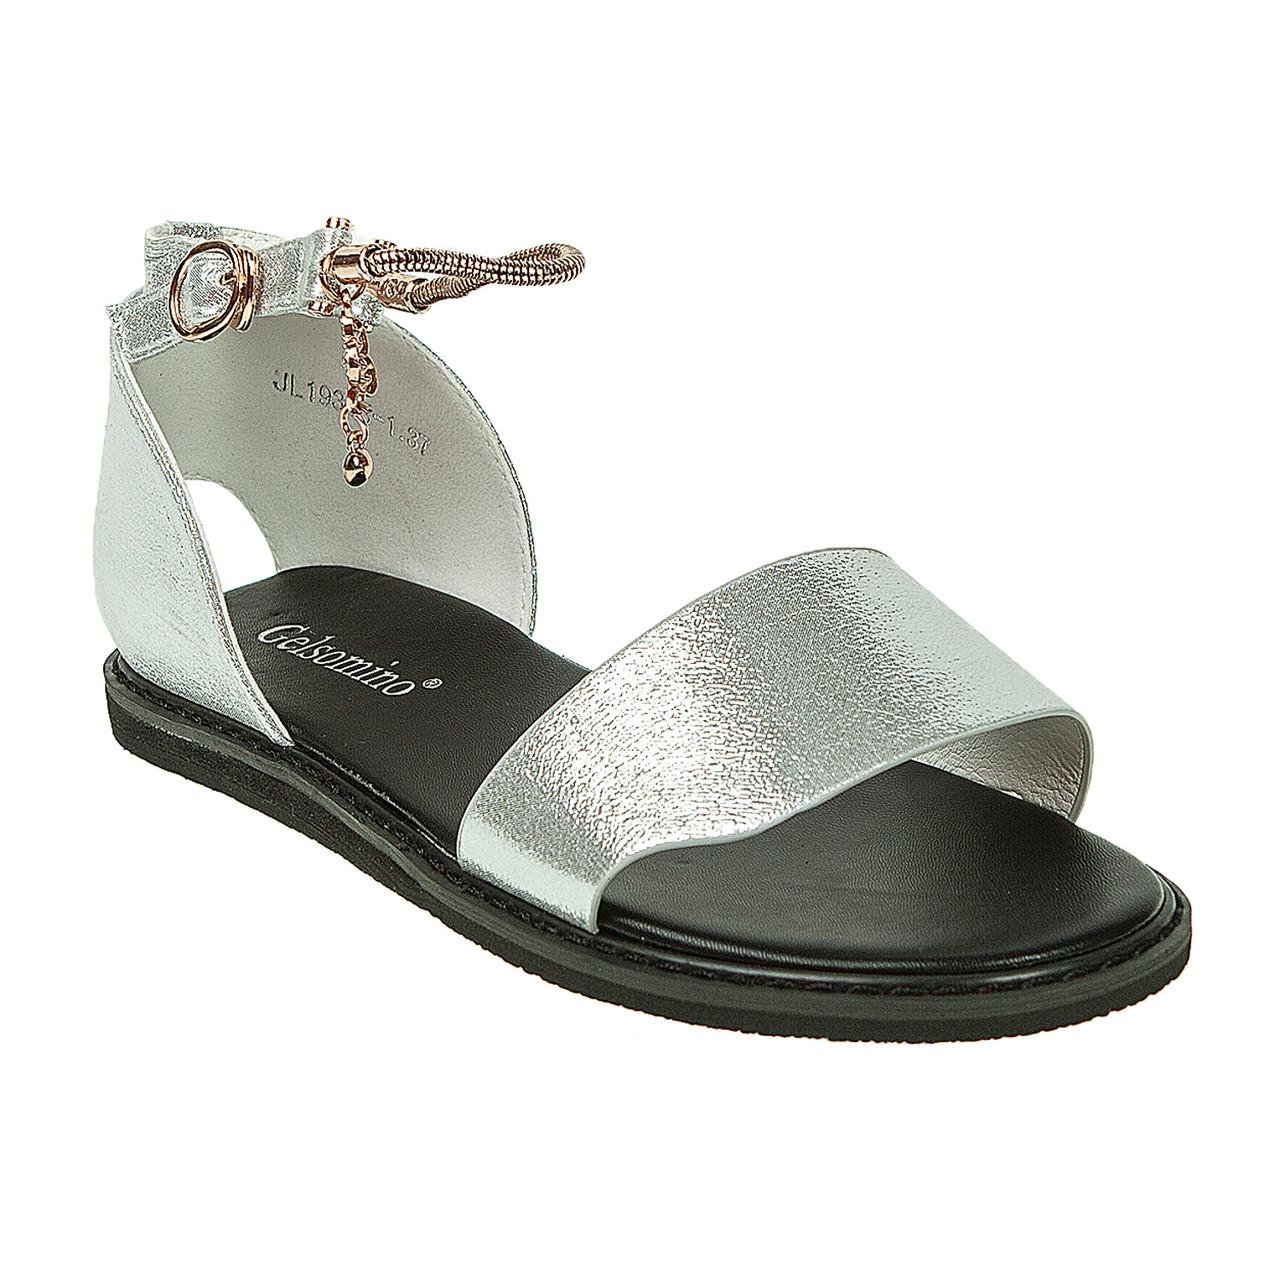 44ac42df3 Сандалии женские Gelsomino (стильные, модные, удобные, серебристые) -  Интернет-магазин